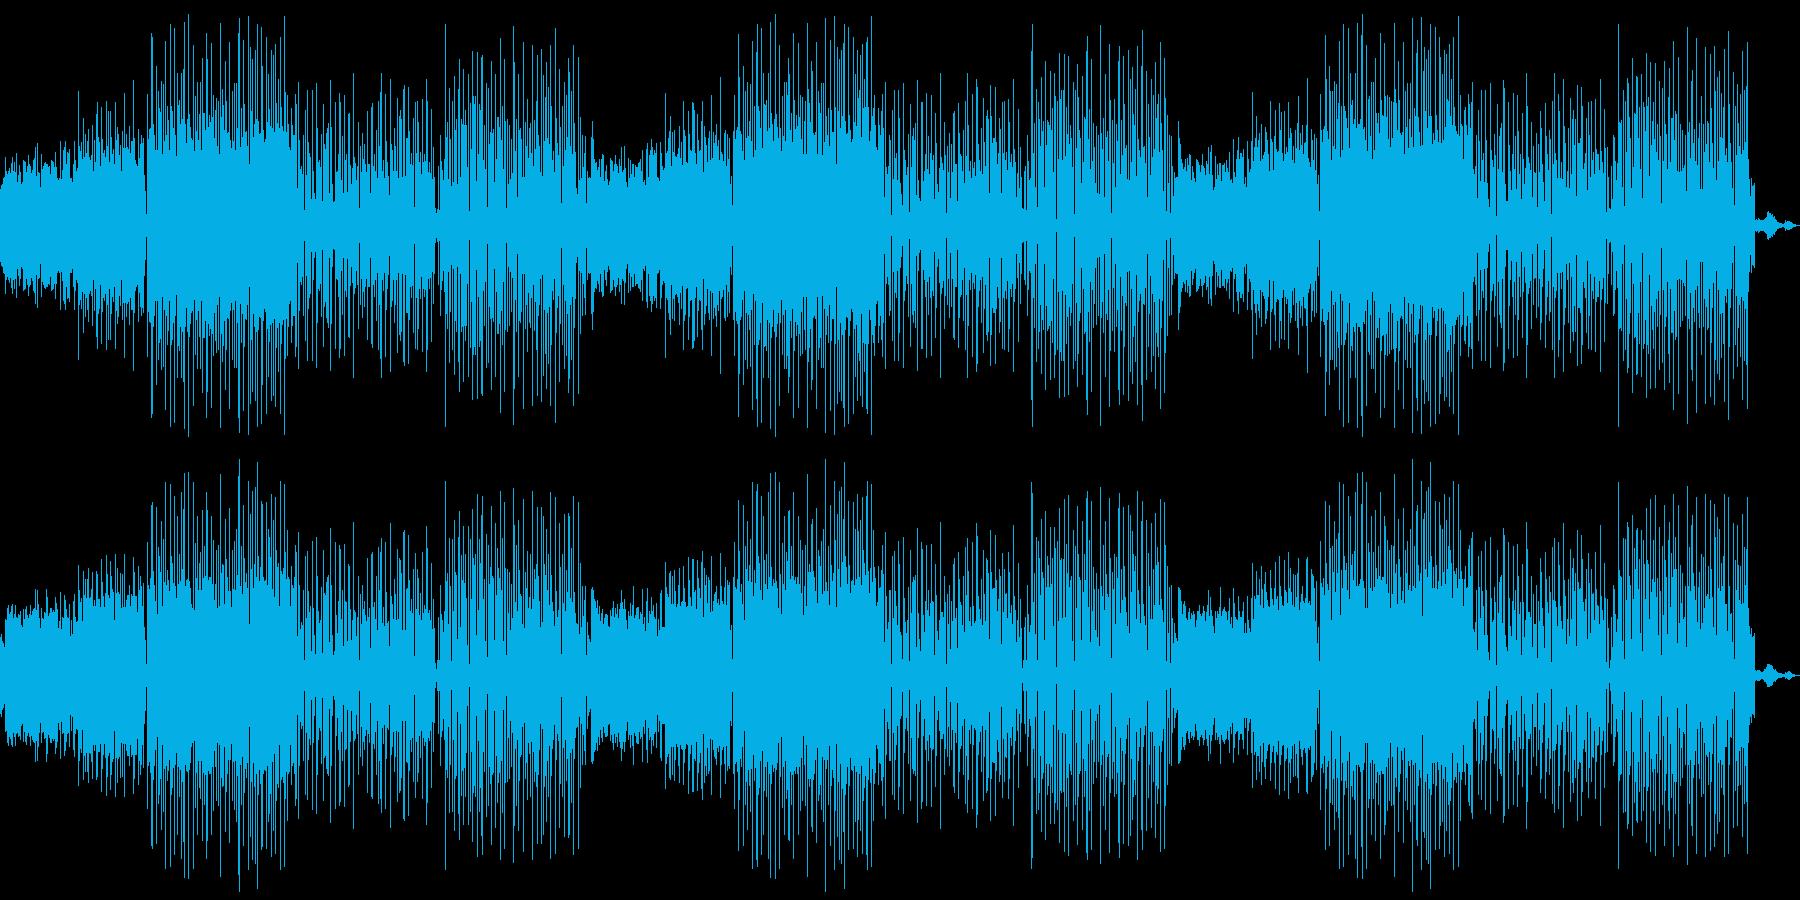 閉店BGM向け蛍の光アレンジ音素材02の再生済みの波形